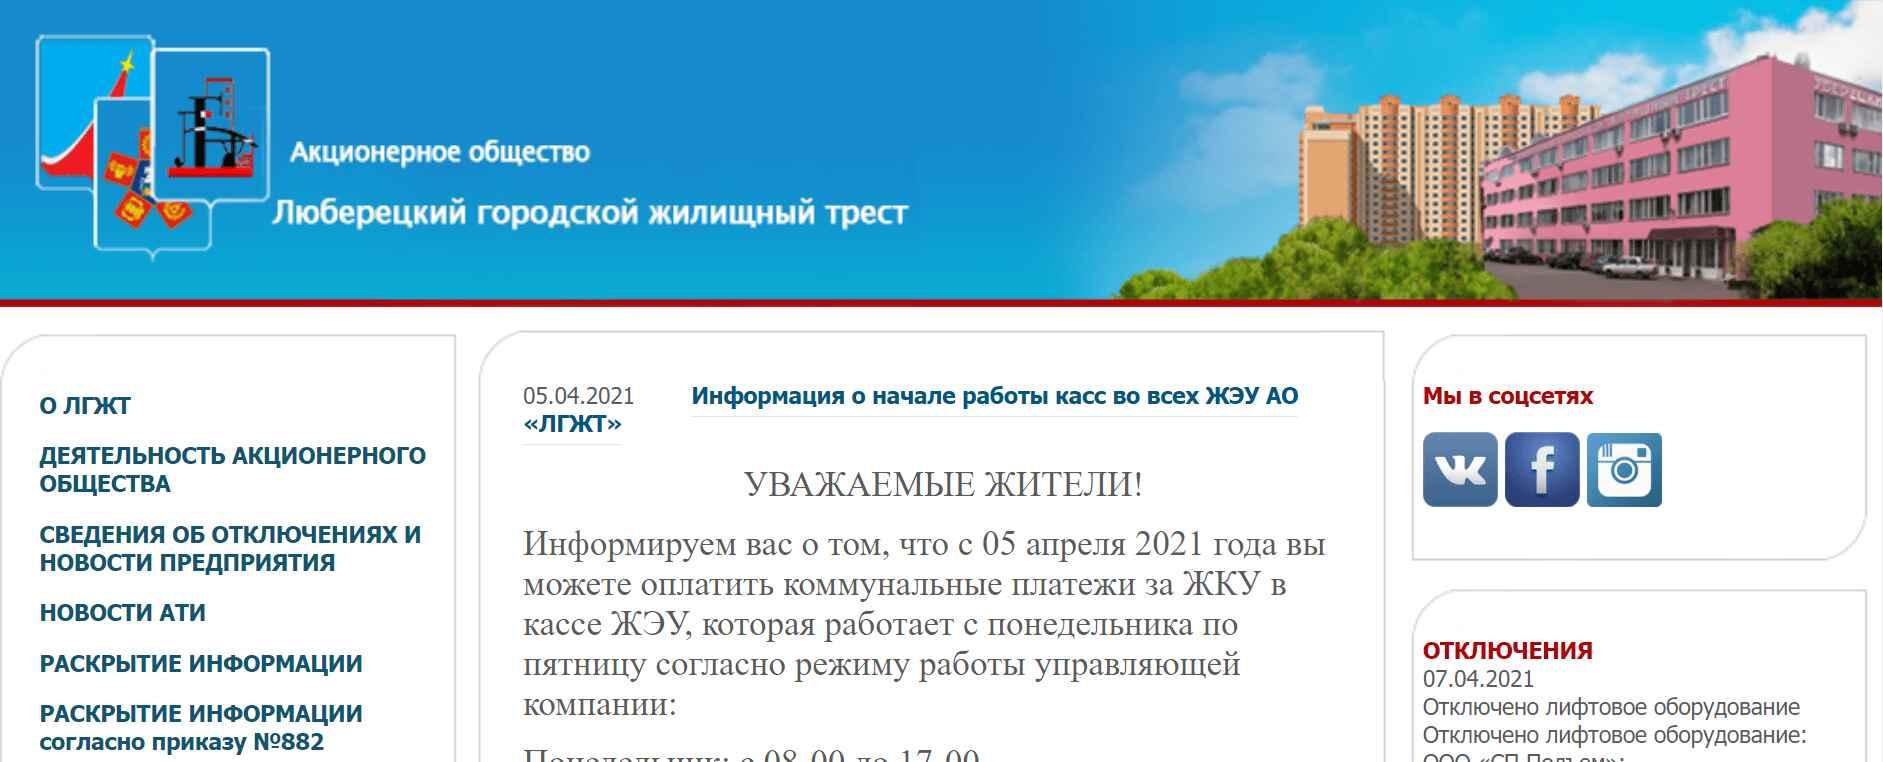 Ссылка на сайт управляющей компании АО «ЛГЖТ»